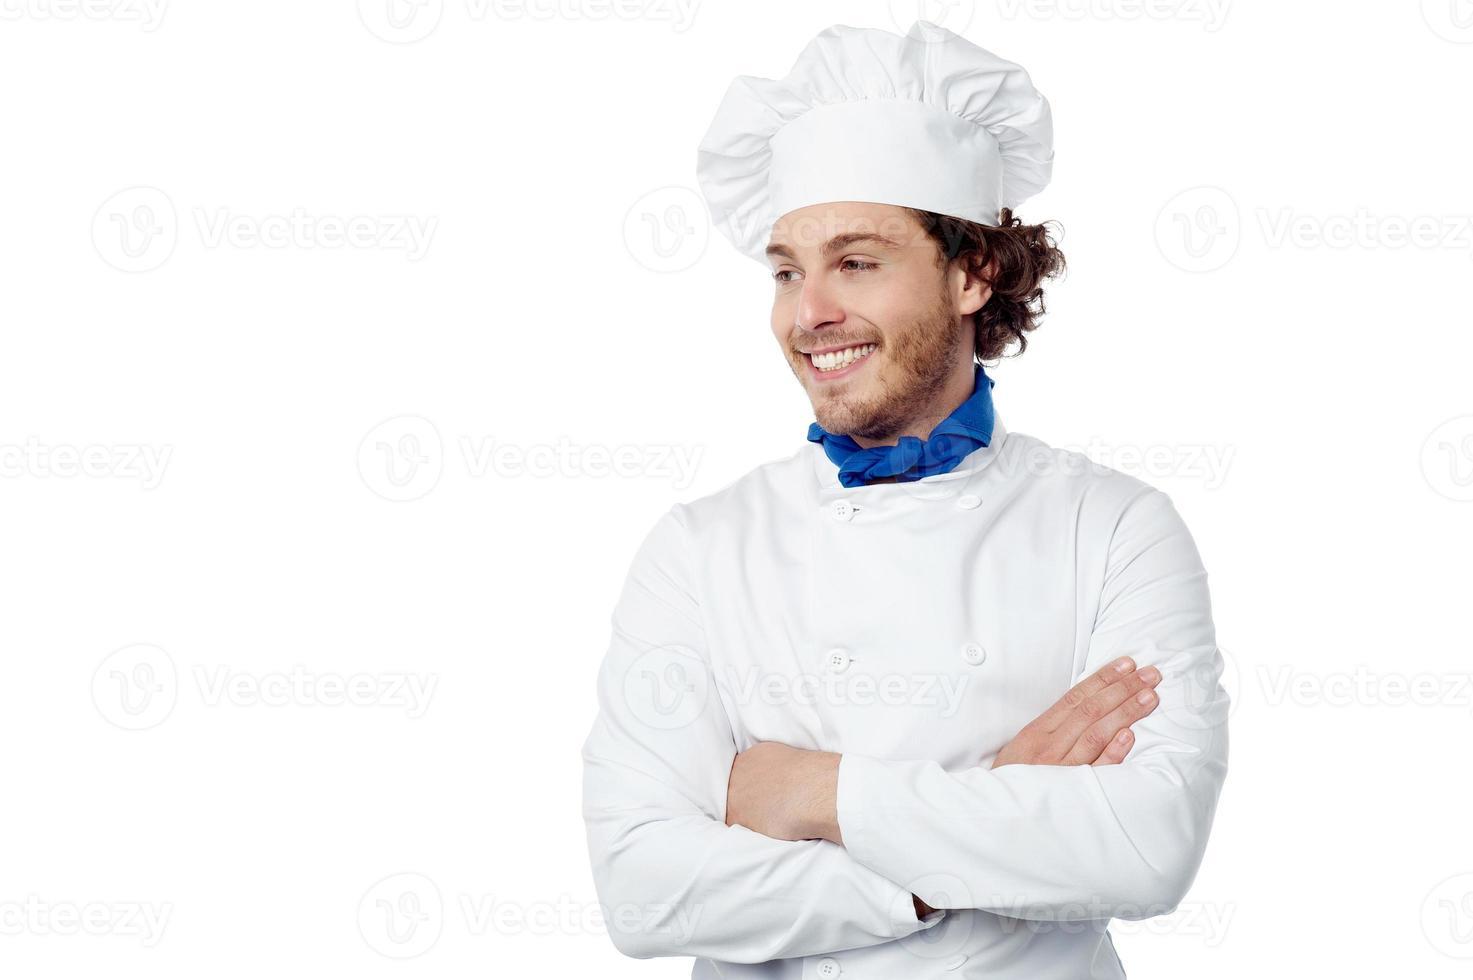 lächelnder junger männlicher Koch, der souverän aufwirft foto